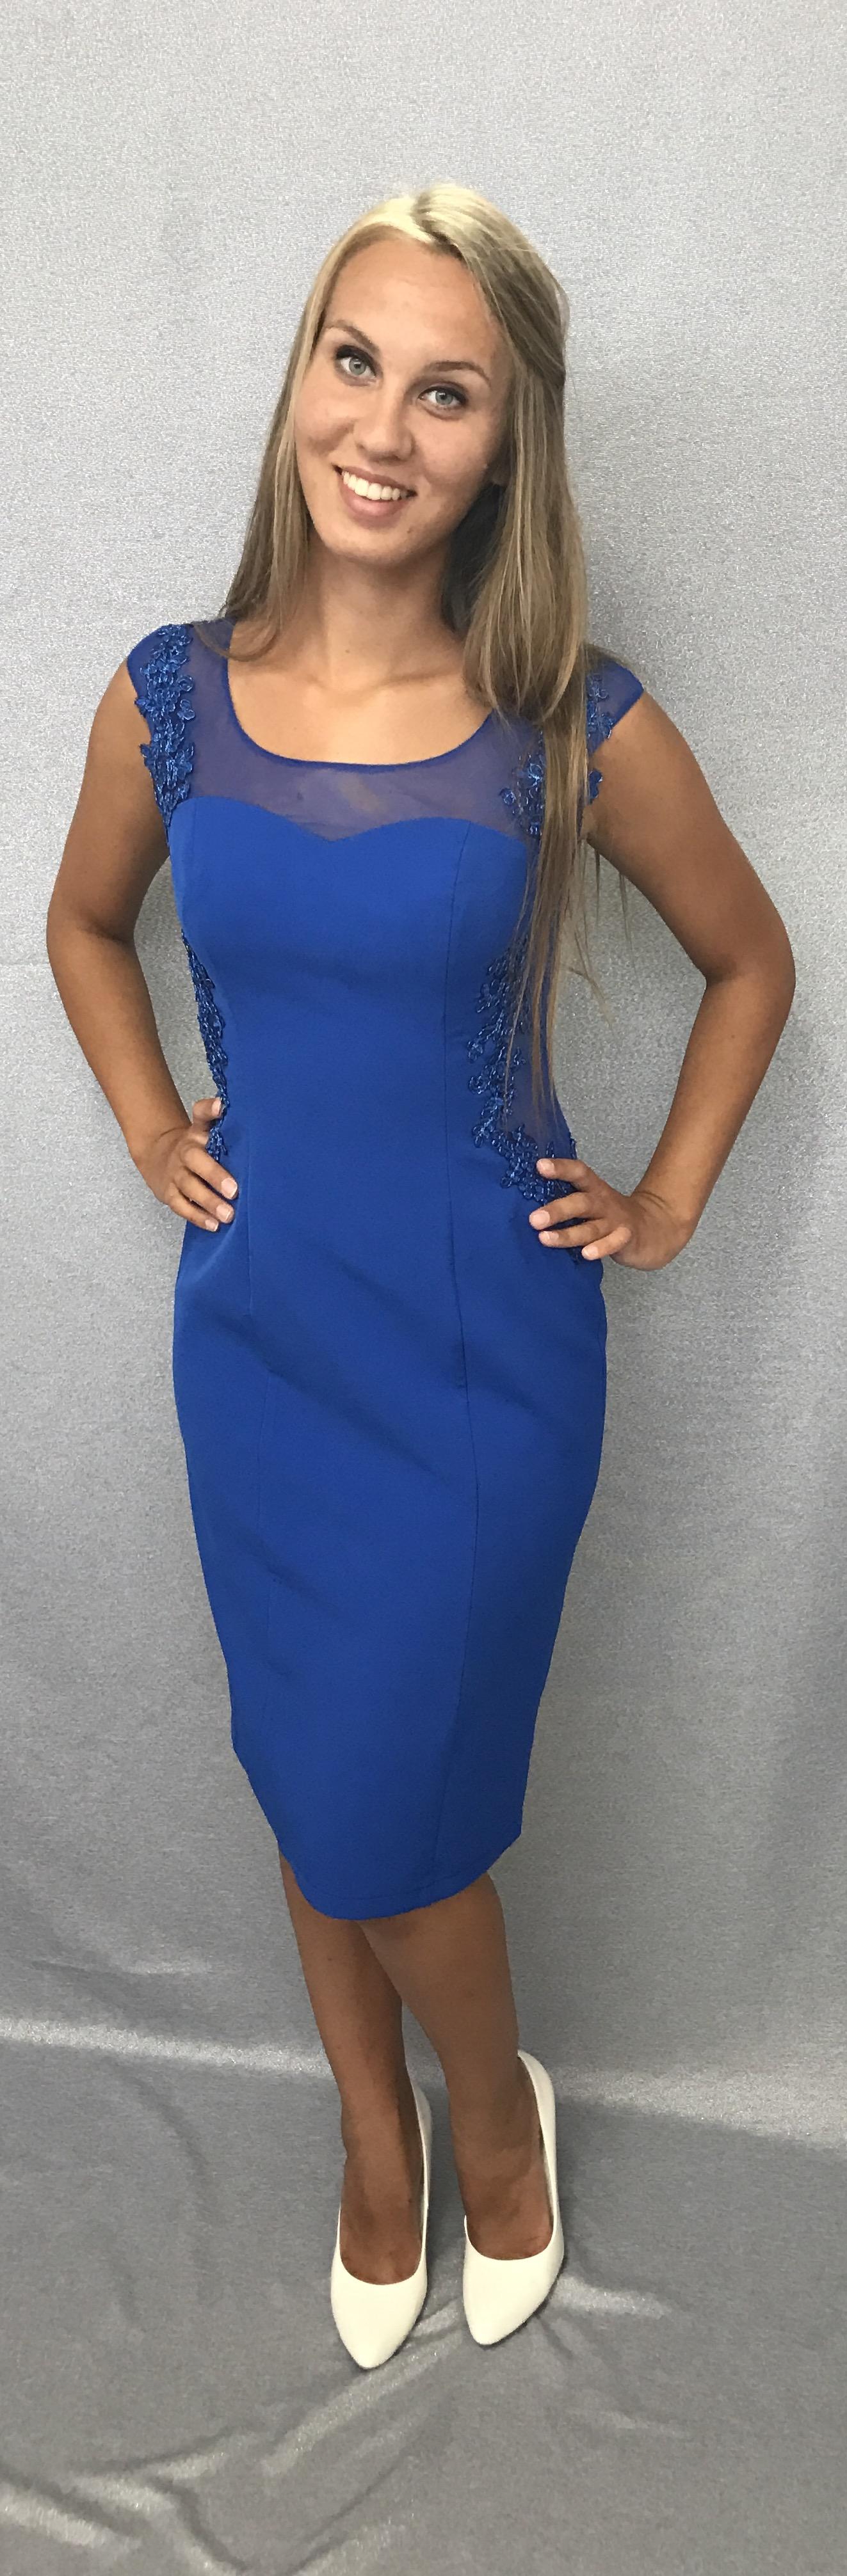 47af791ac9b5 Modré šaty čipkou jpg 1323x4026 čipkou modre saty